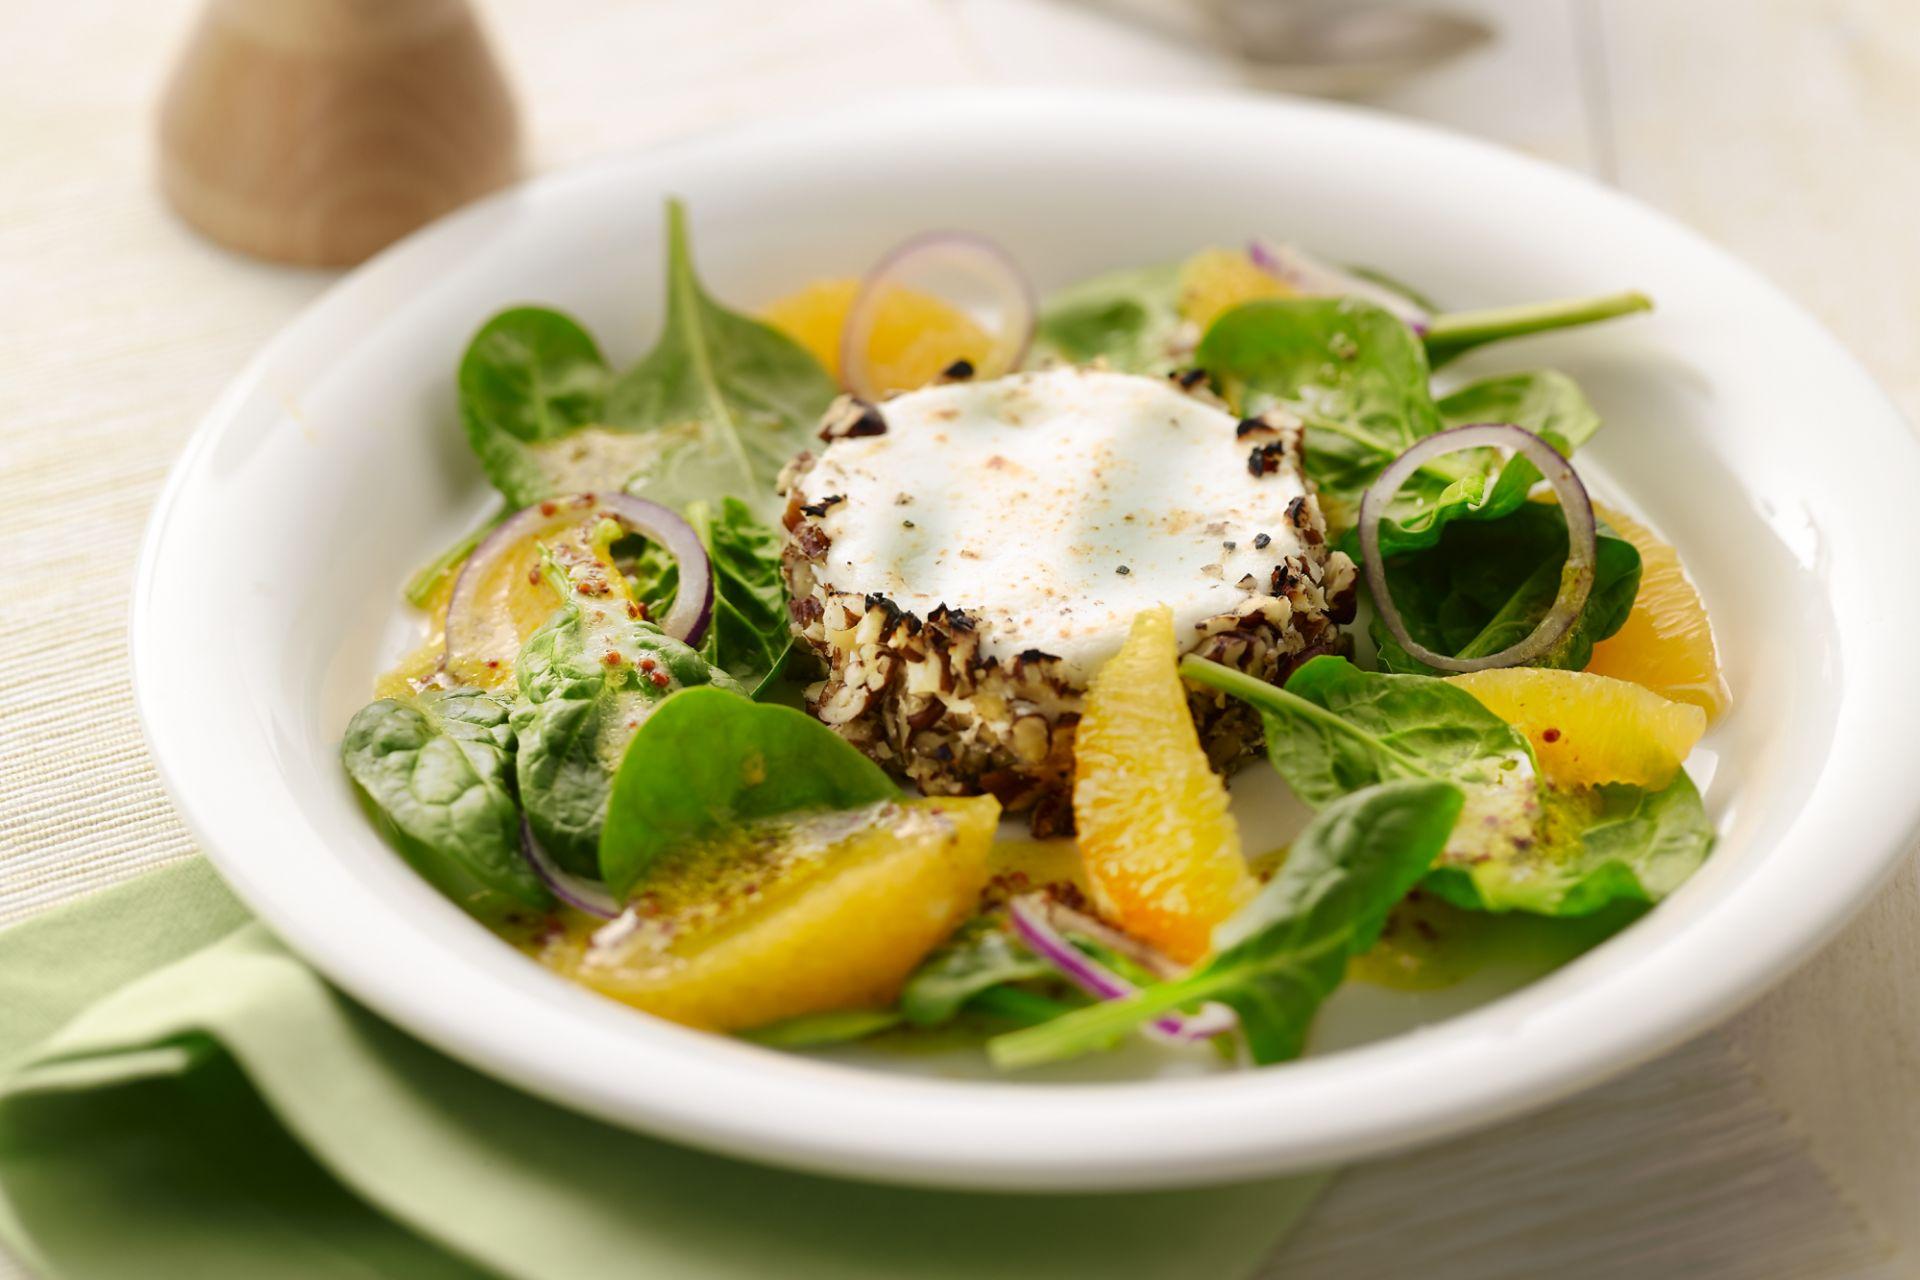 Salade met spinazie, sinaasappel en warme geitenkaas